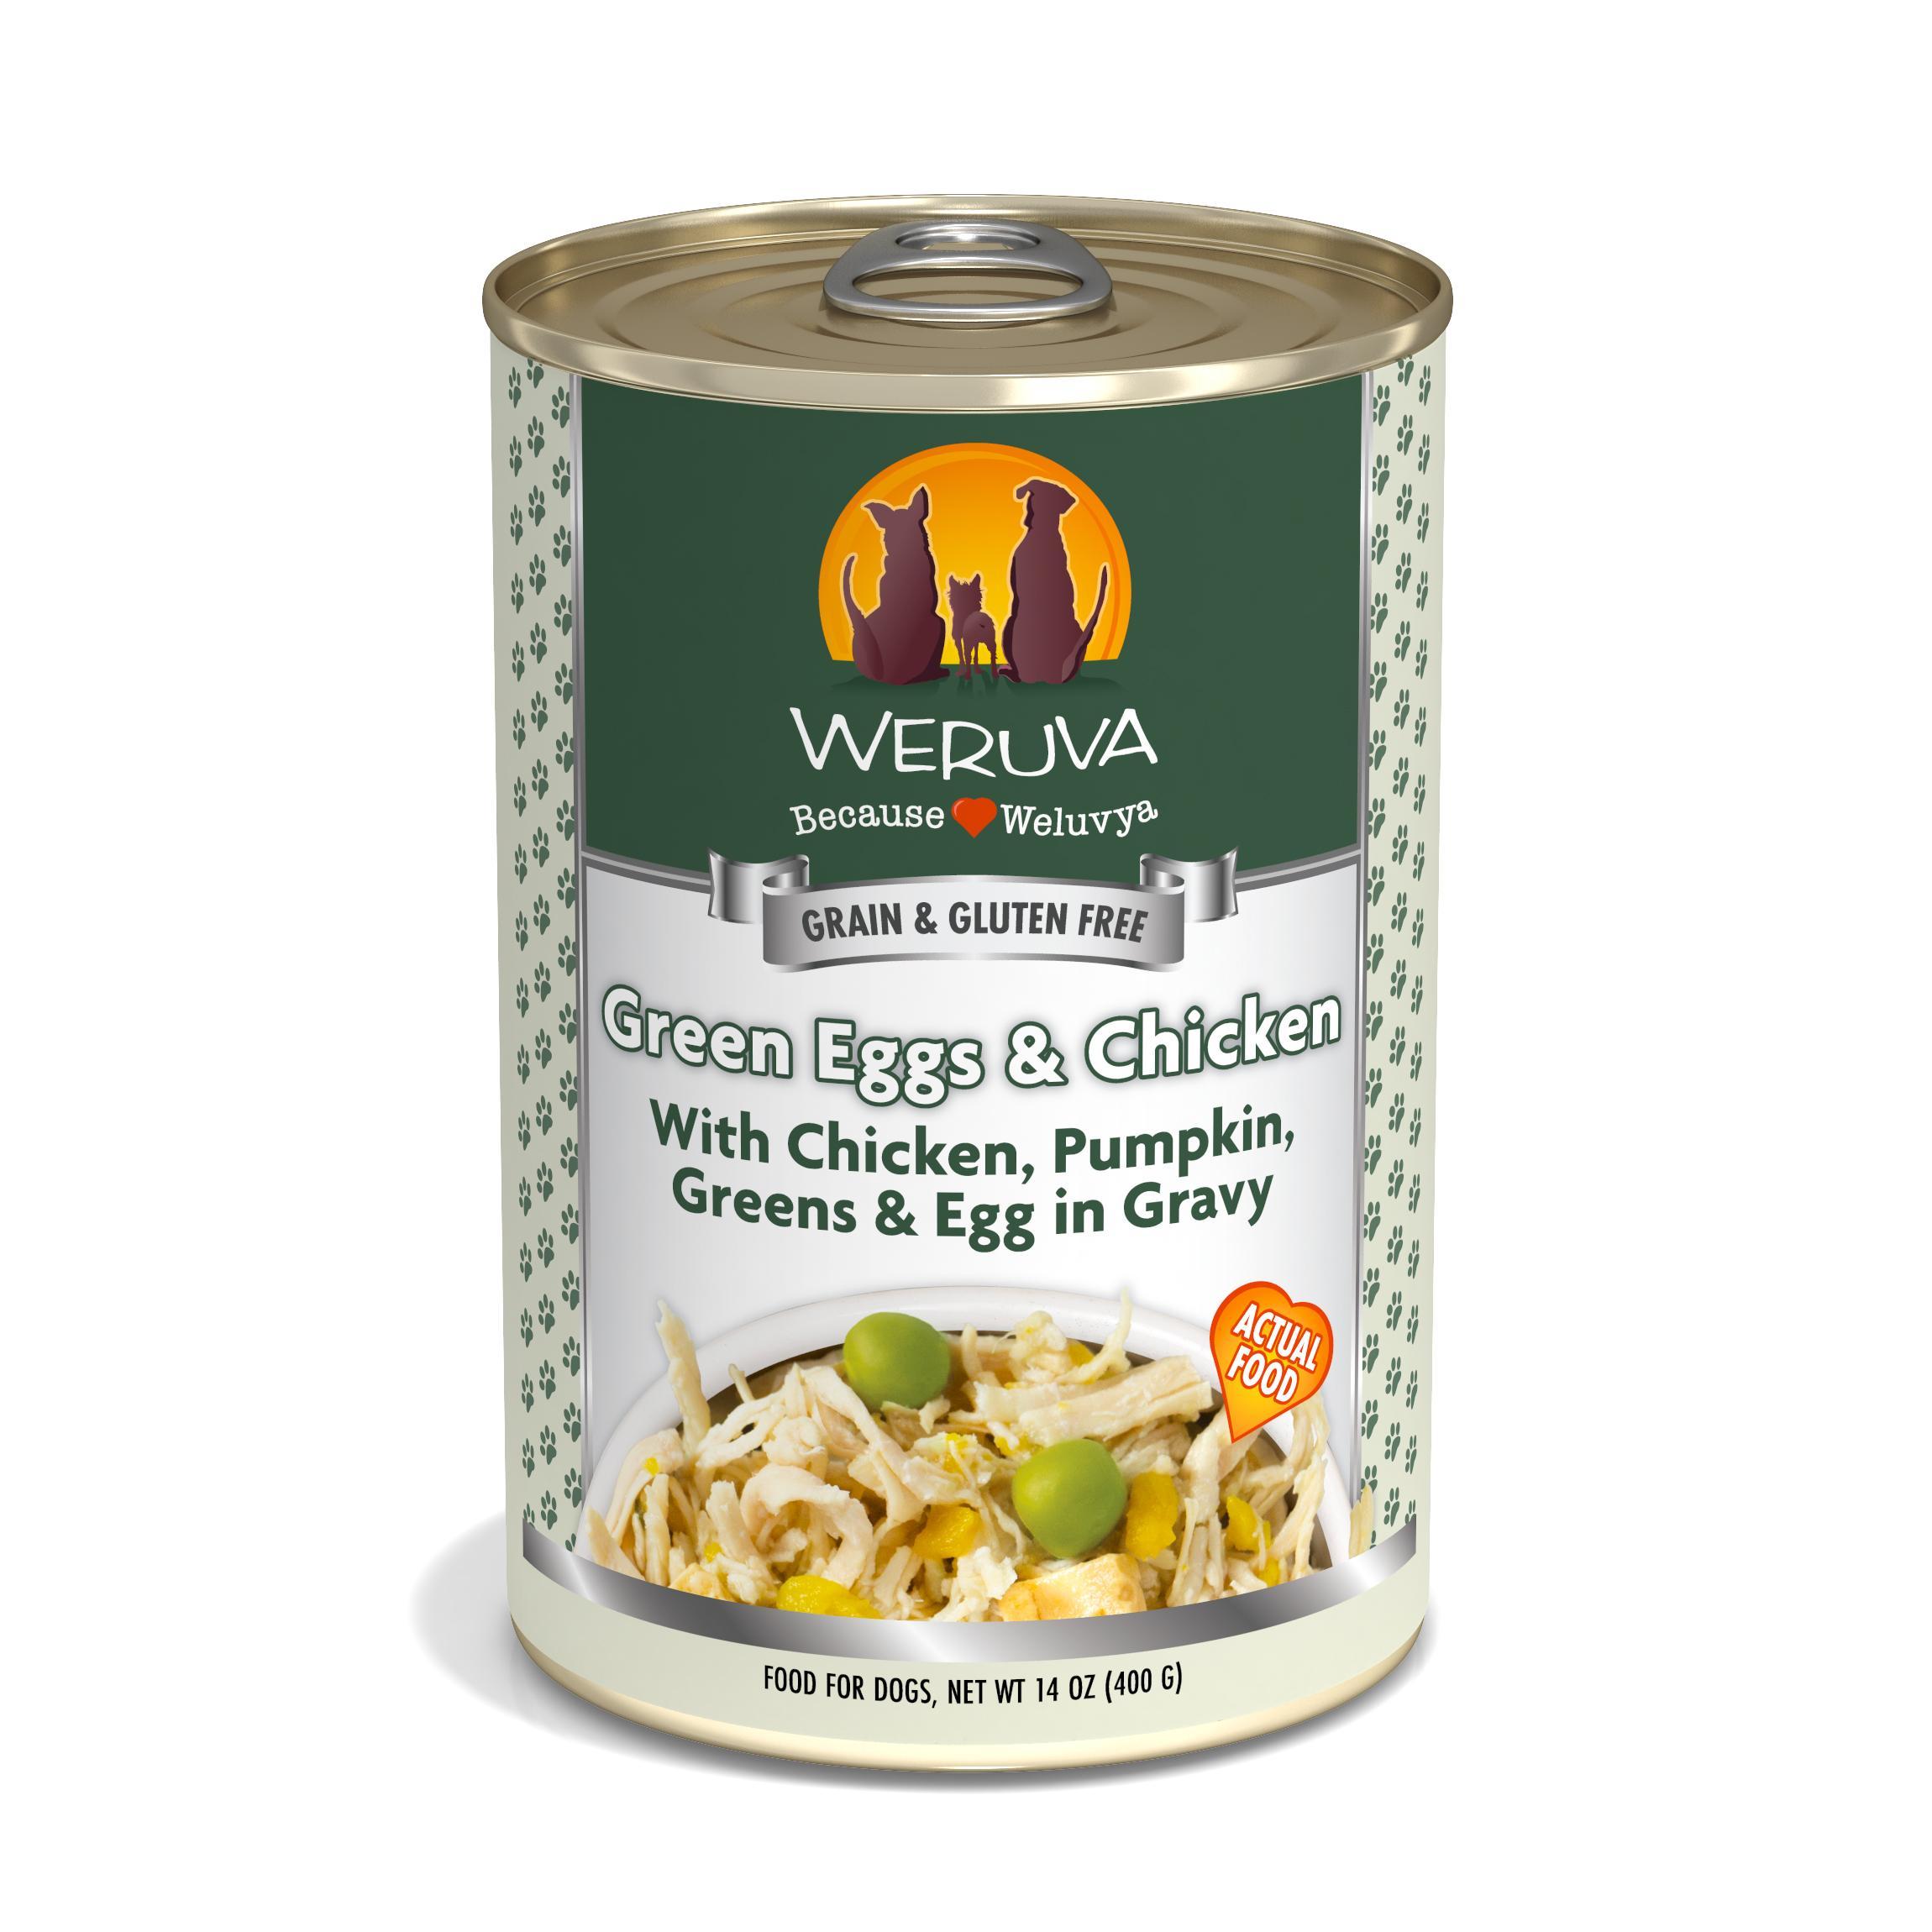 Weruva Dog Classic Green Eggs & Chicken with Chicken, Egg, & Greens in Gravy Grain-Free Wet Dog Food, 14-oz